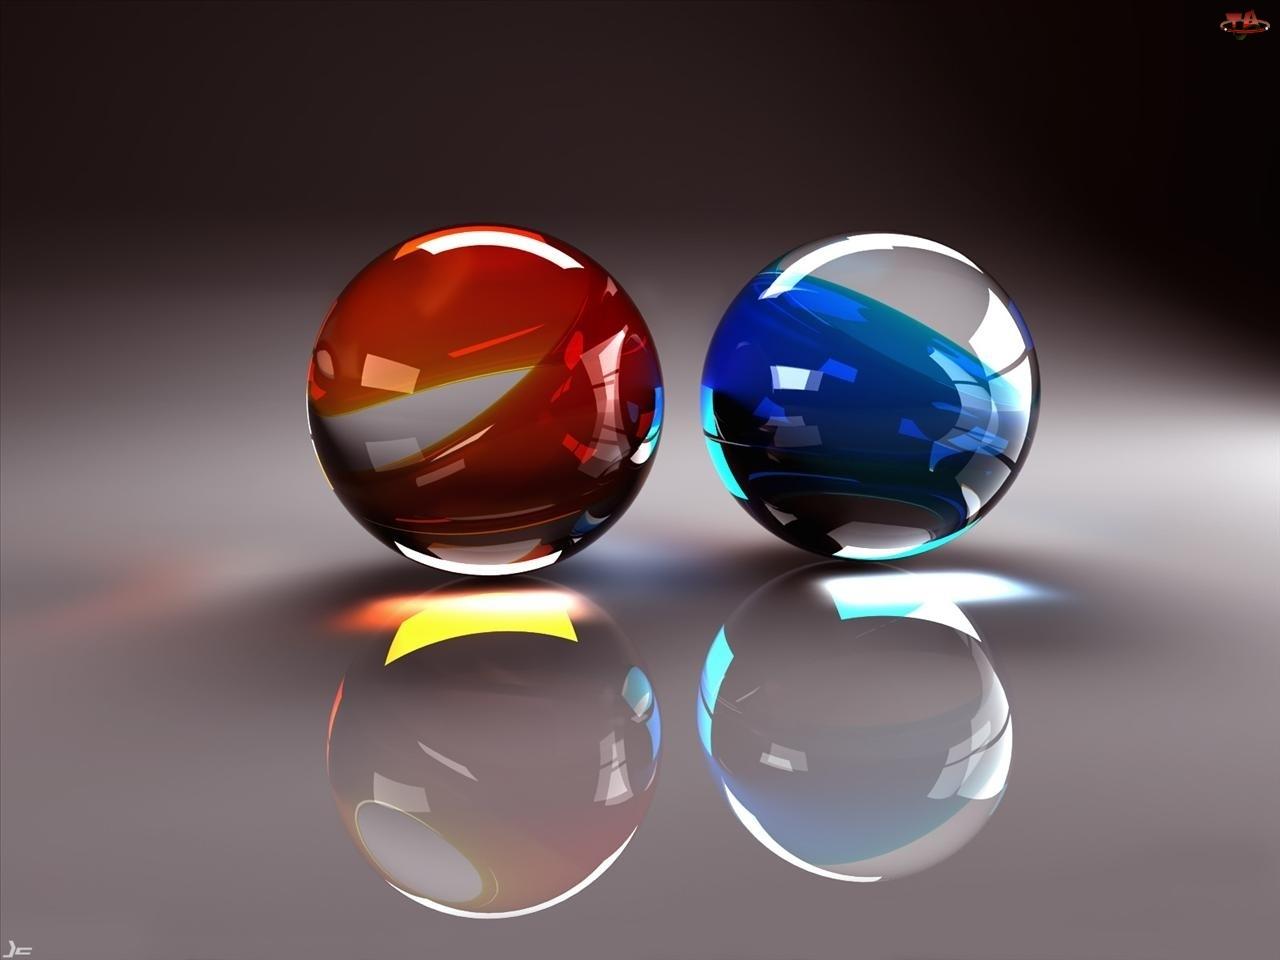 Kula, Niebieska, Czerwona